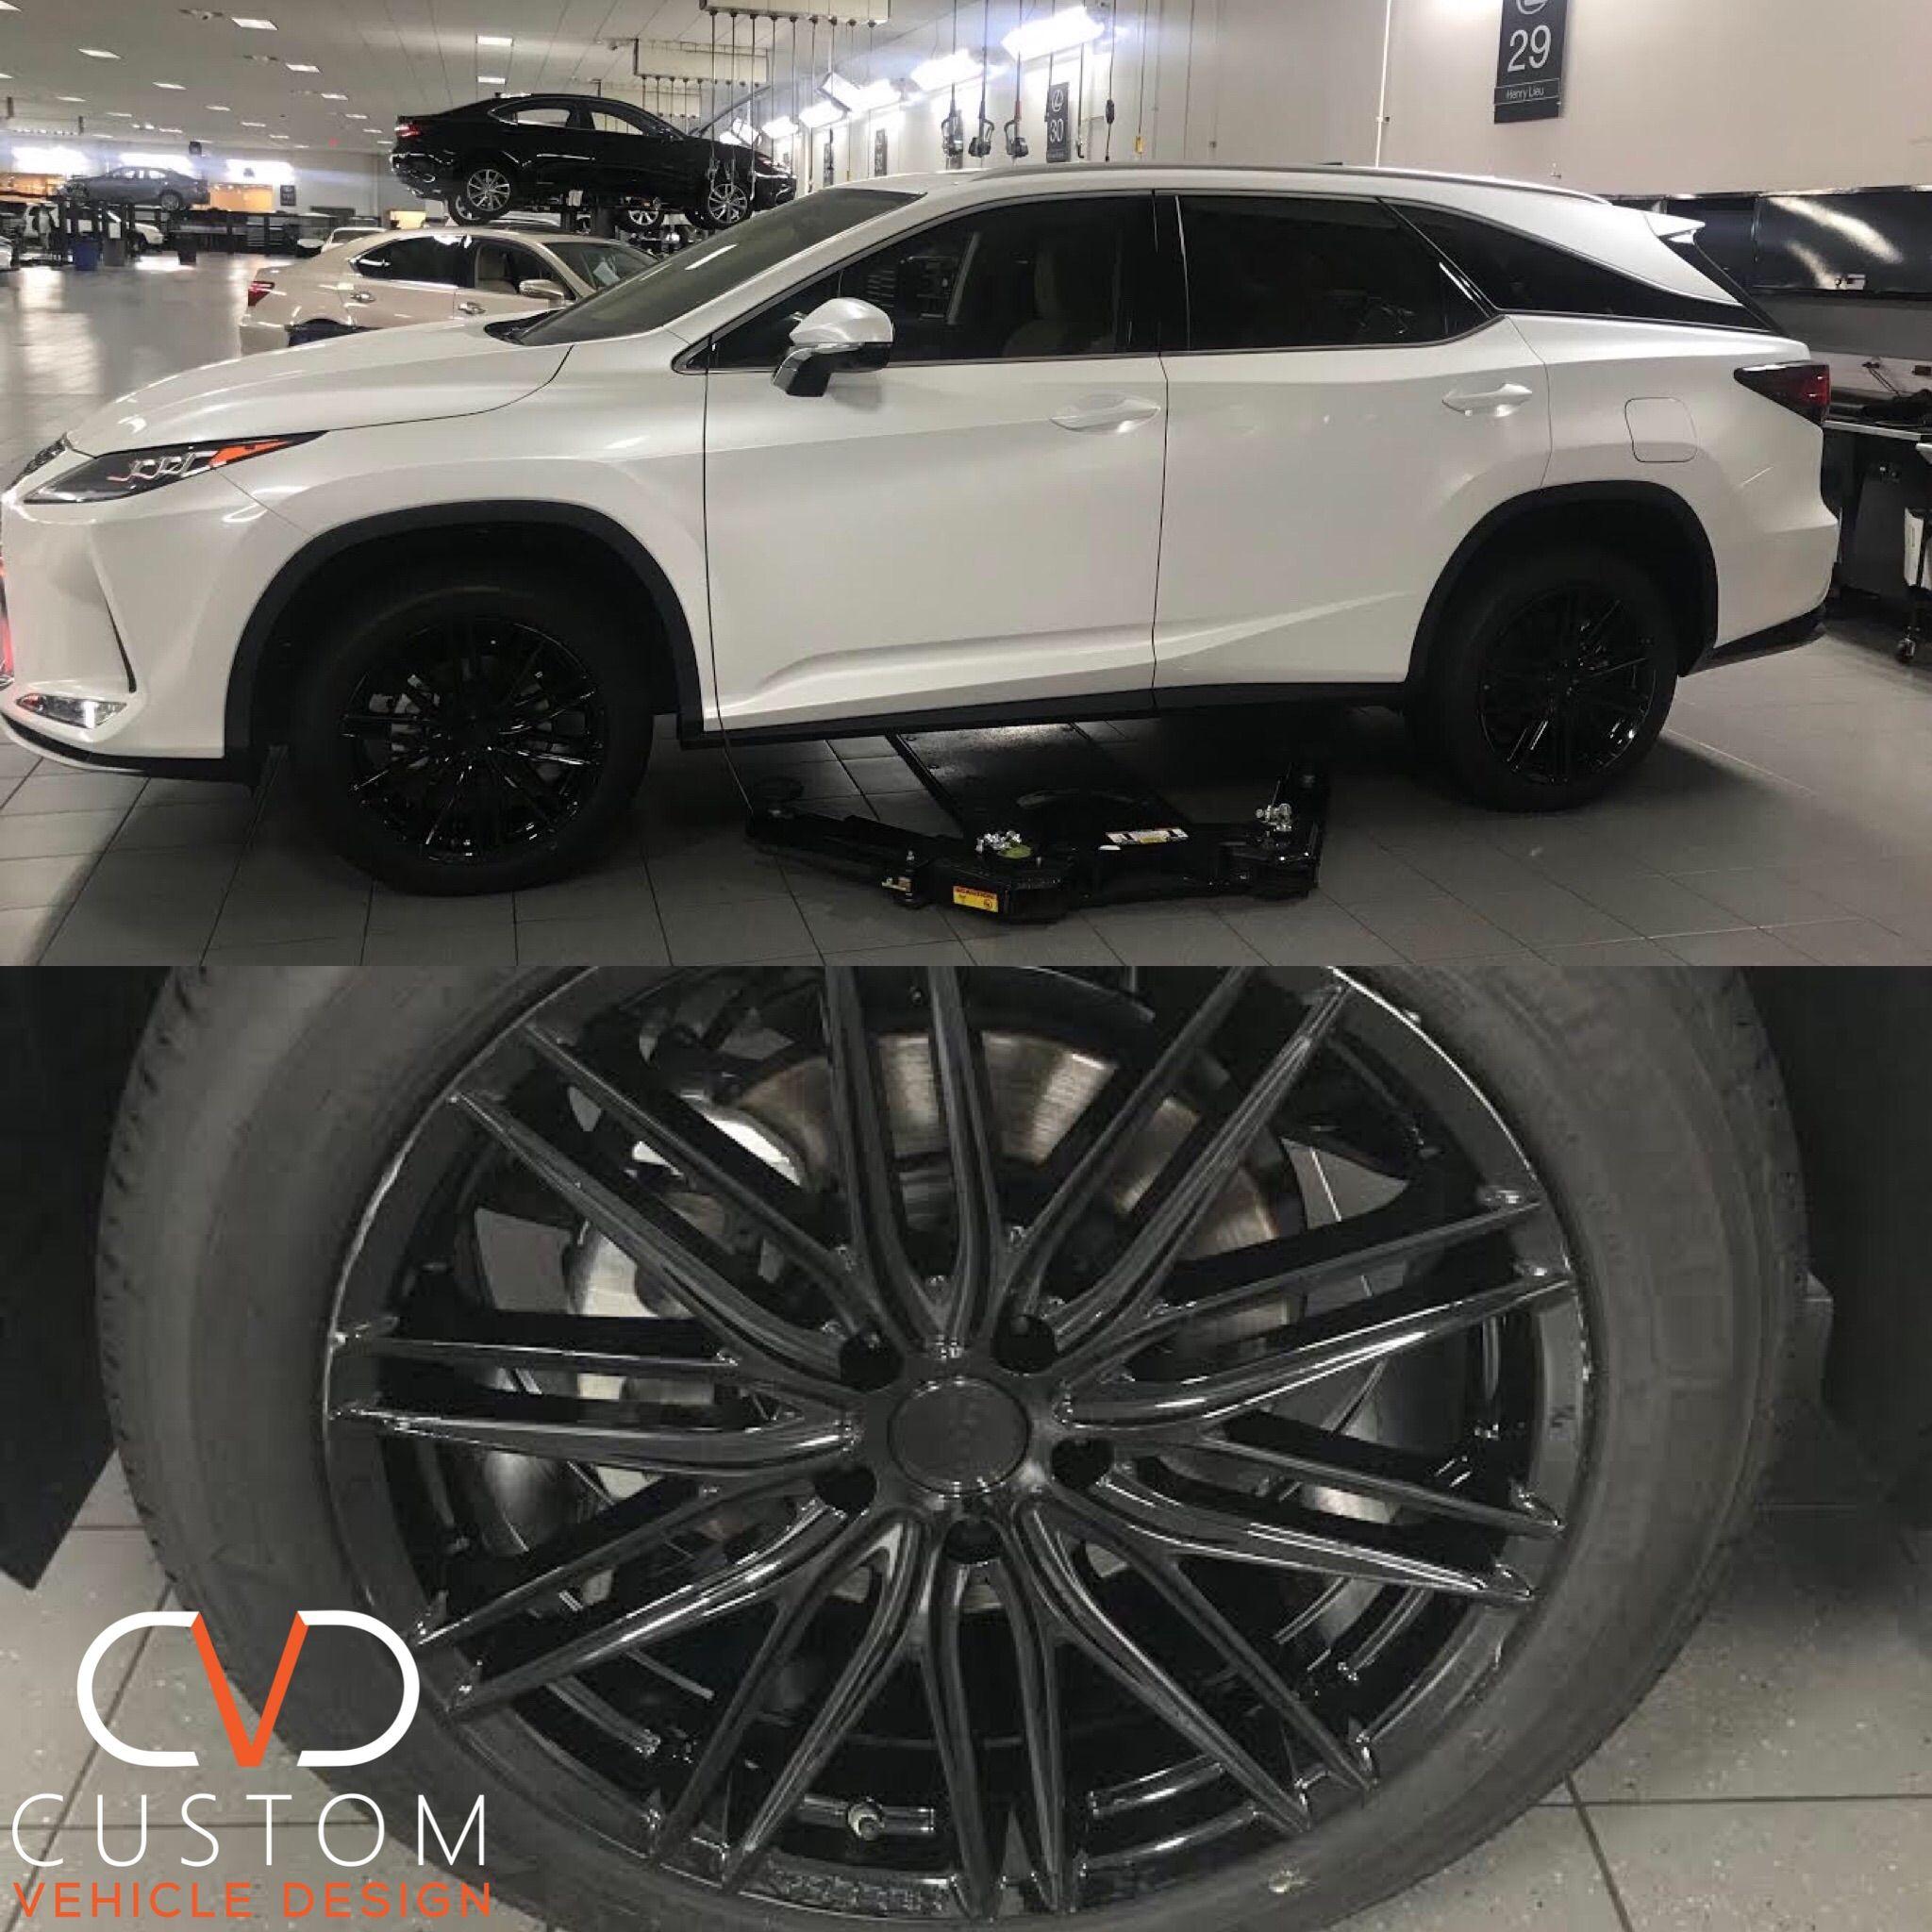 2020 Lexus Rx350 With 20 Vossen Vfs4 Gloss Black Wheels 2020